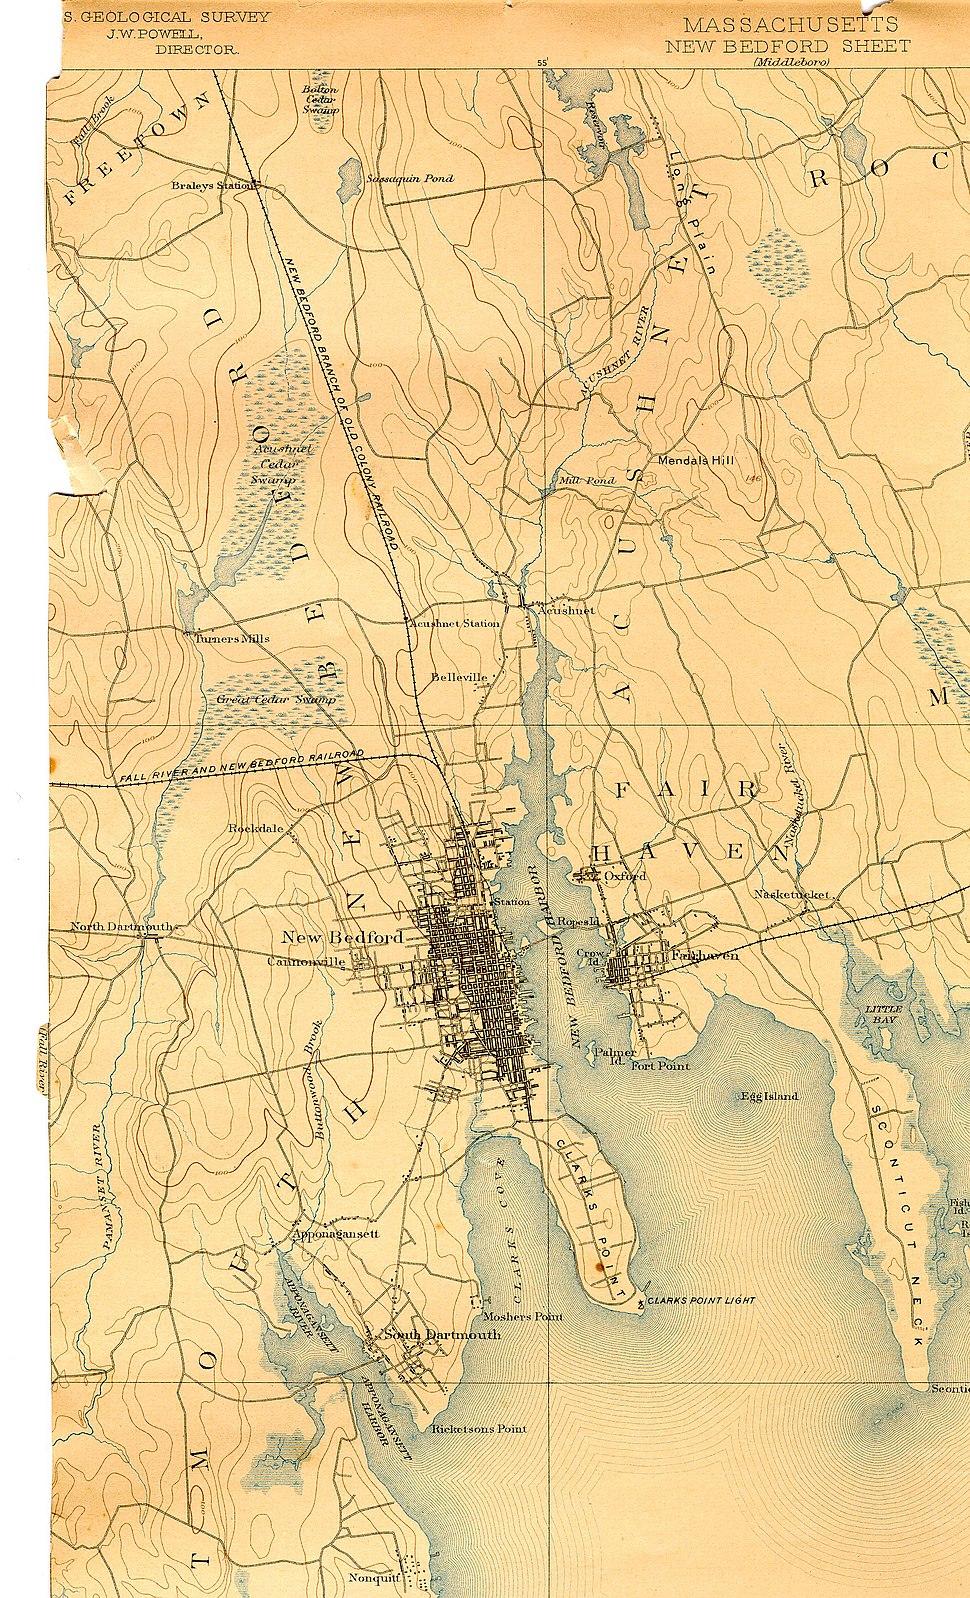 Acushnet River (Massachusetts) map